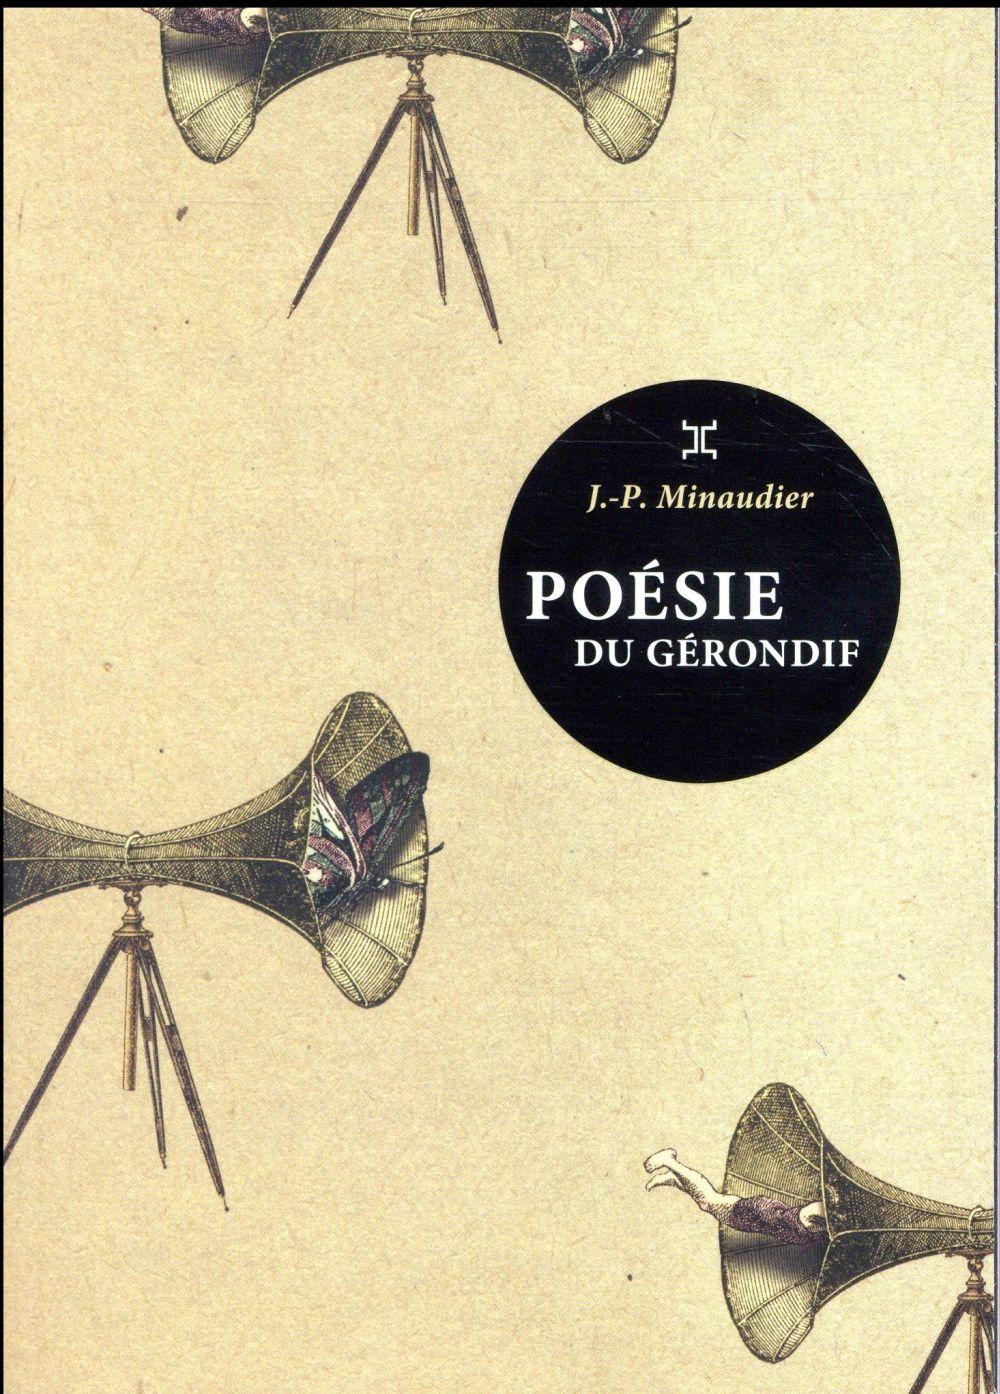 Poesie Du Gerondif